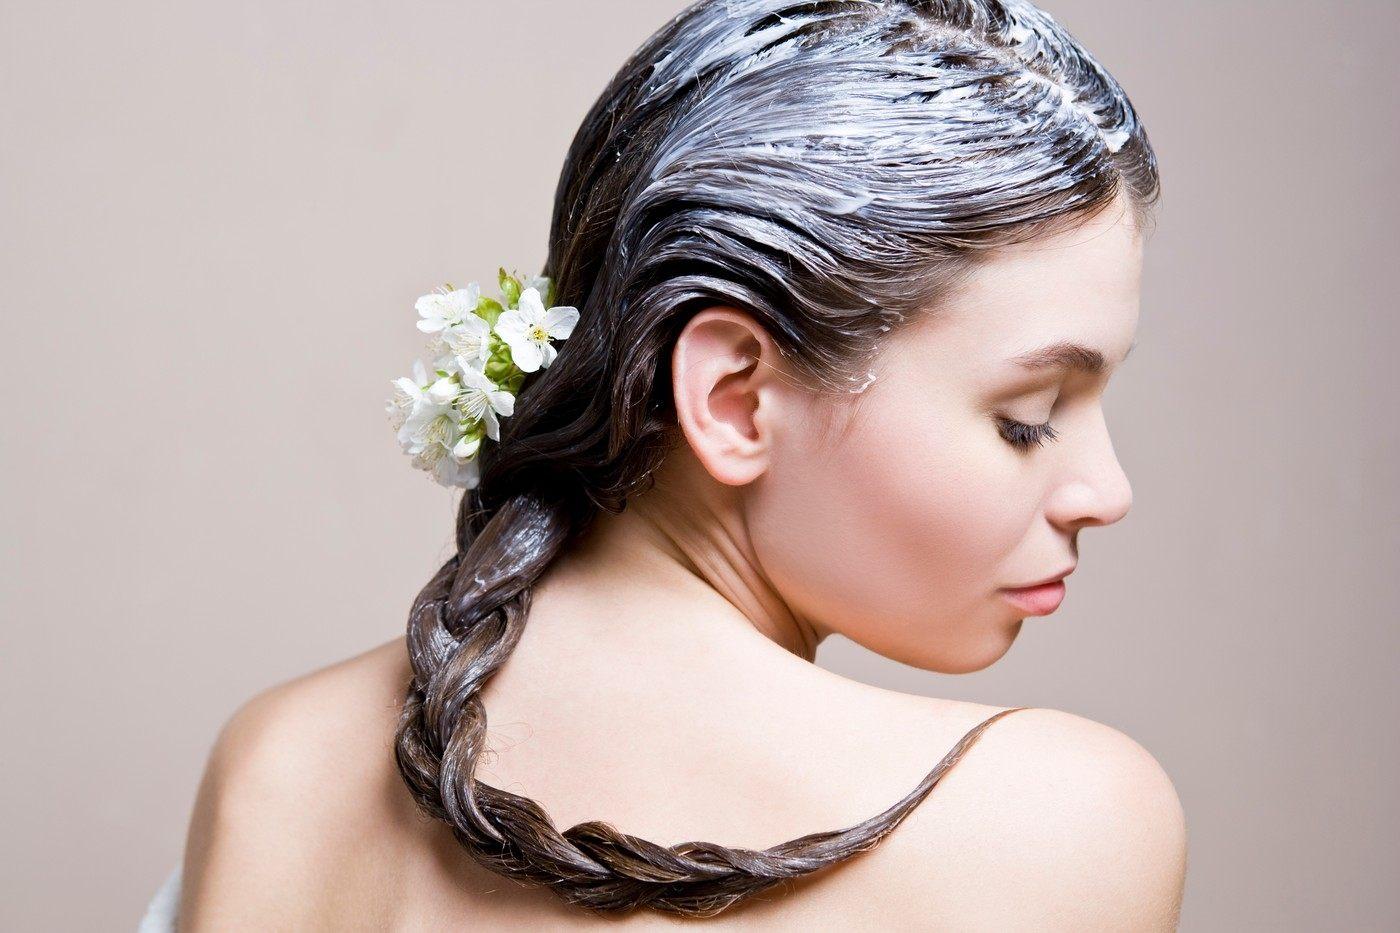 Эффективные маски для роста волос в домашних условиях